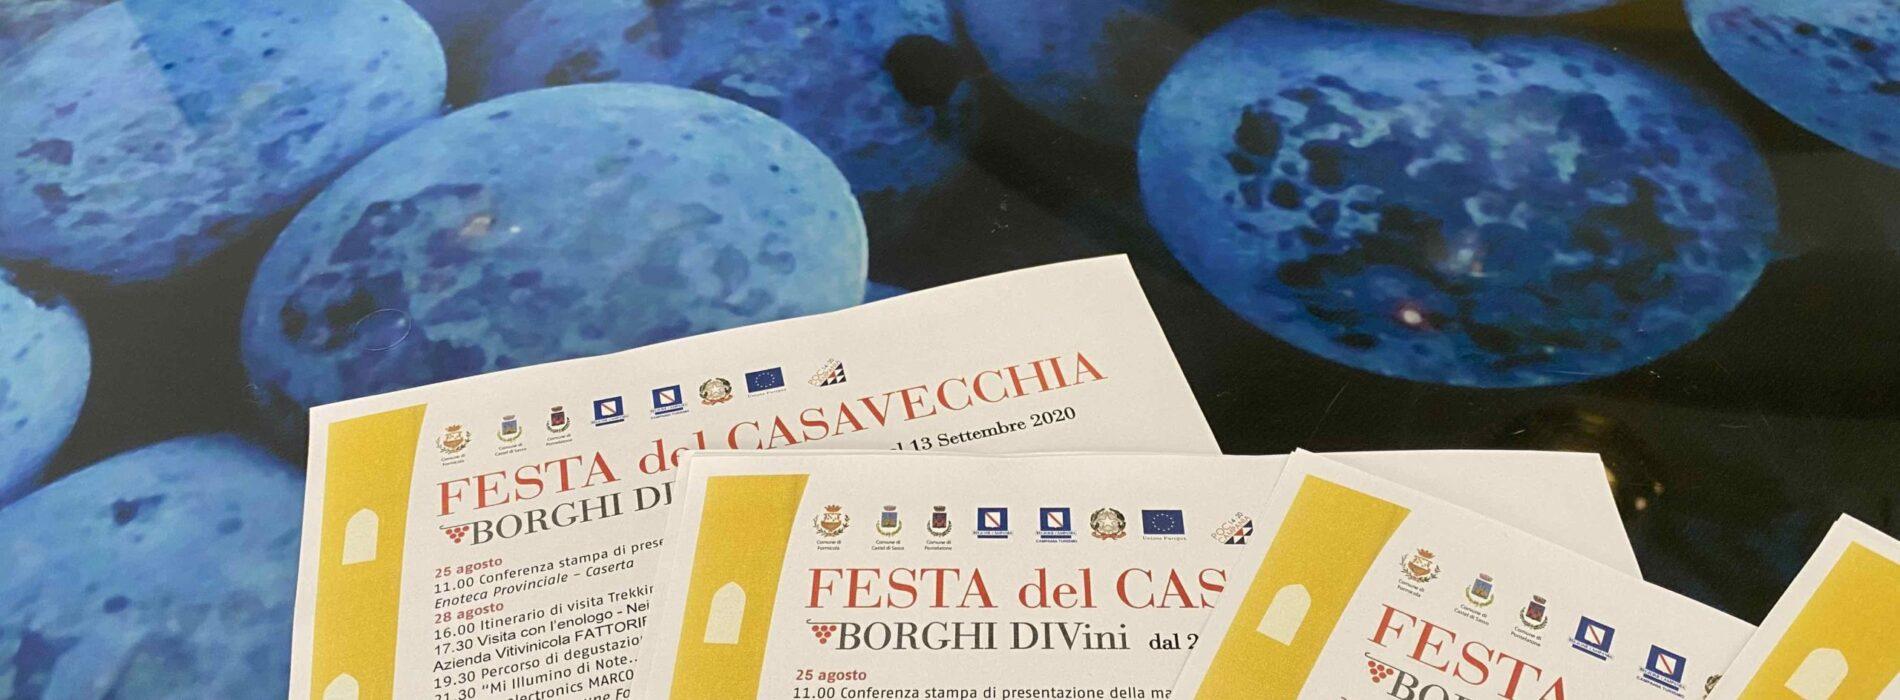 Festa del Casavecchia, secondo weekend a Castel di Sasso